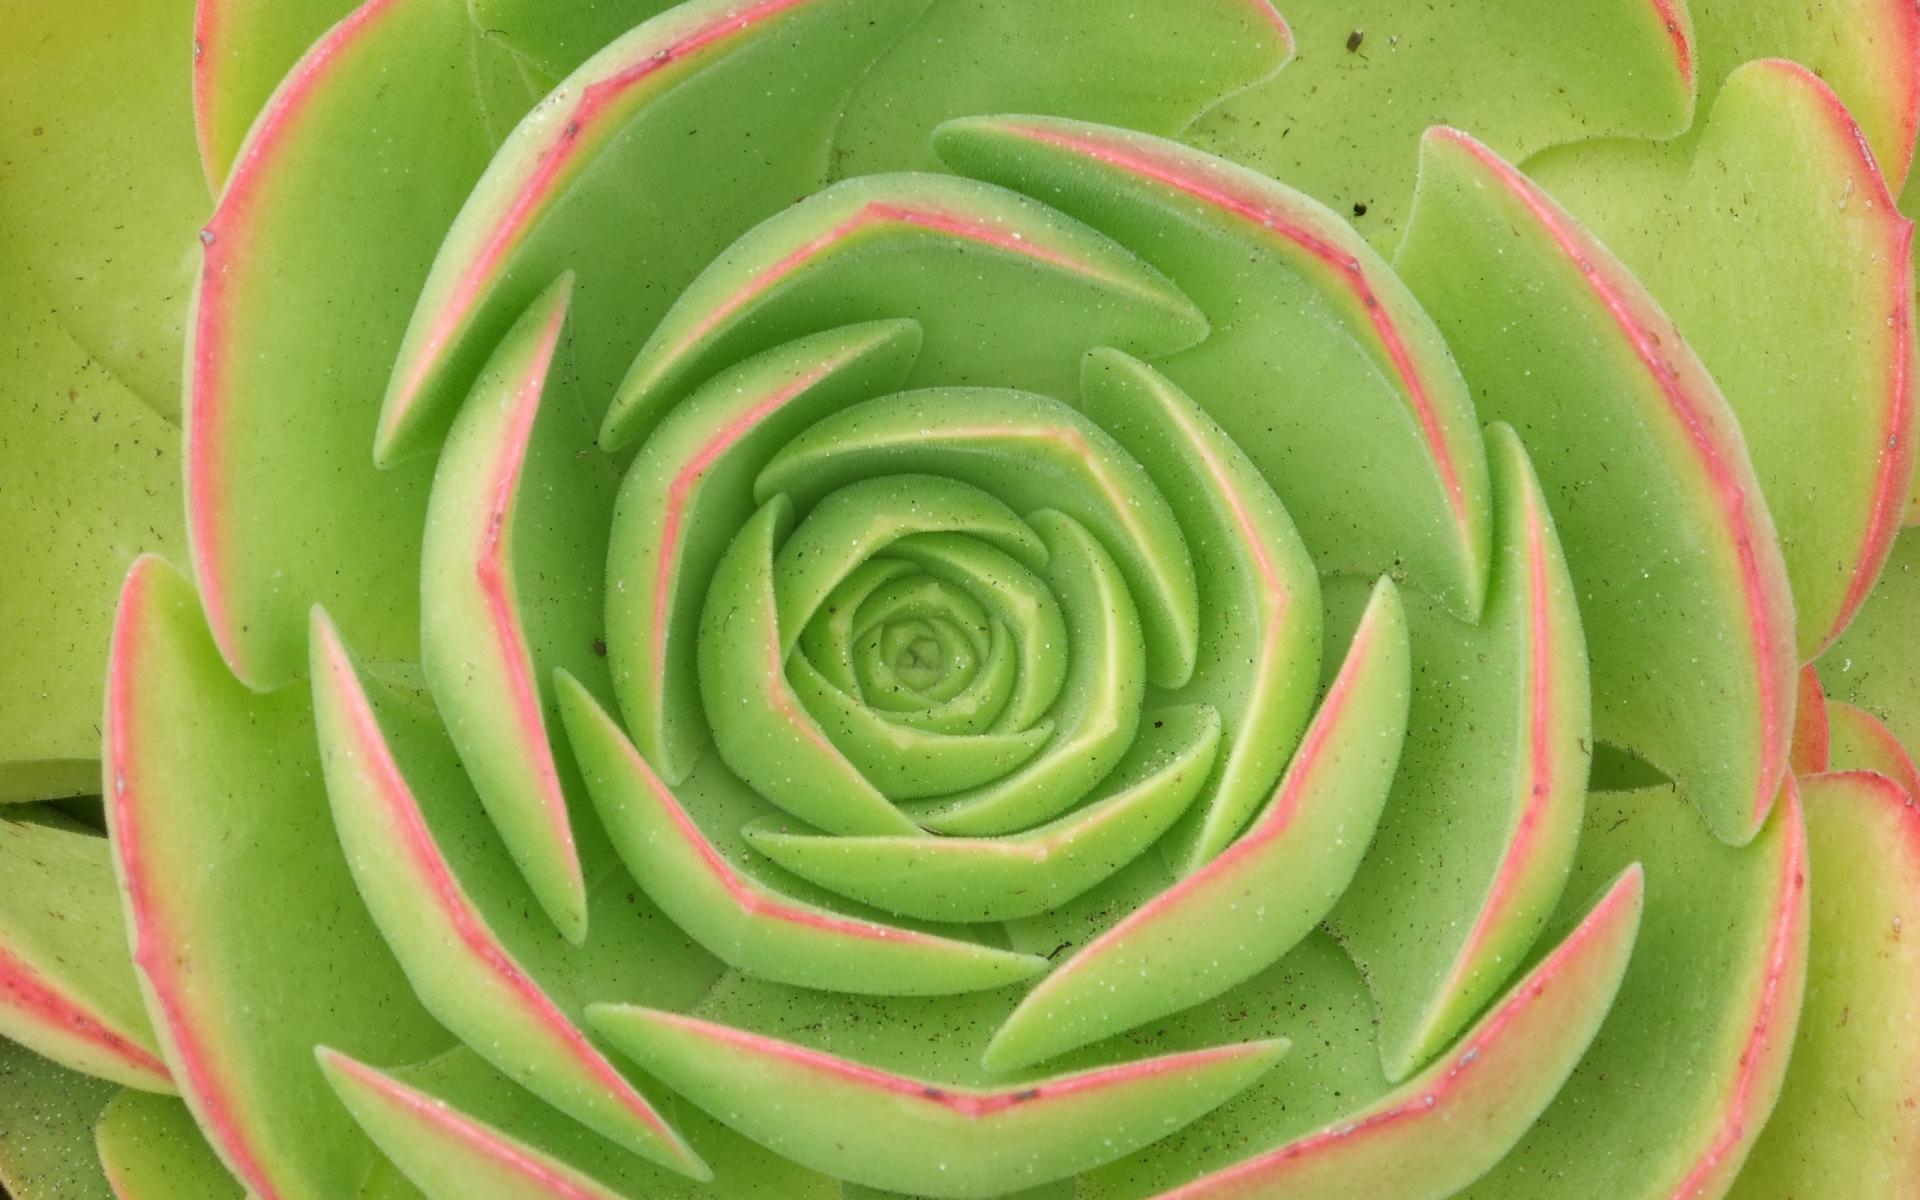 Green Flower Background #6993073